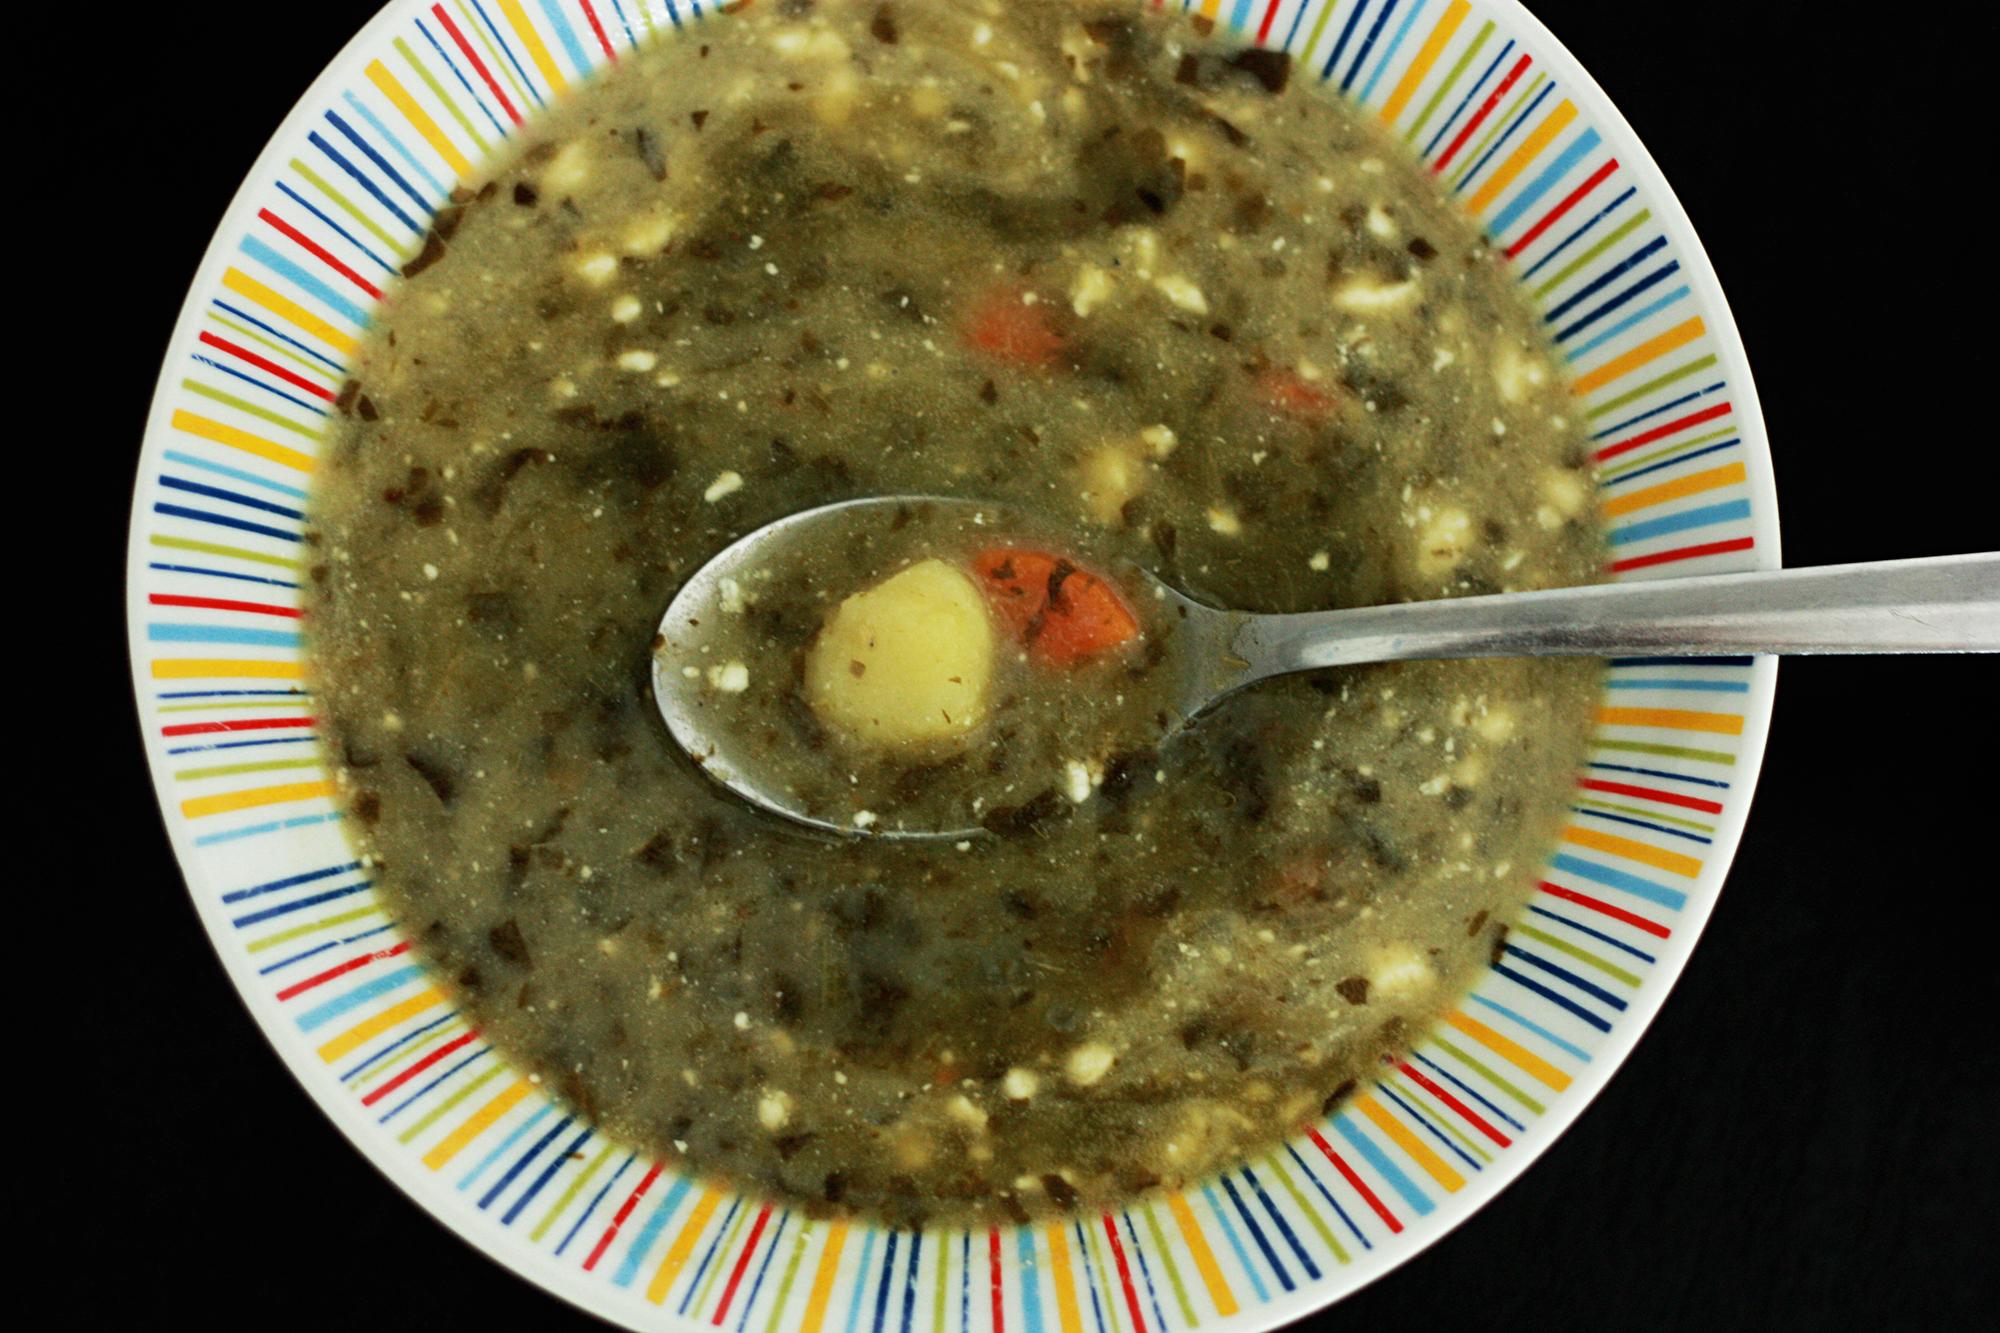 Rugstyniu sriuba zalia gentis 1